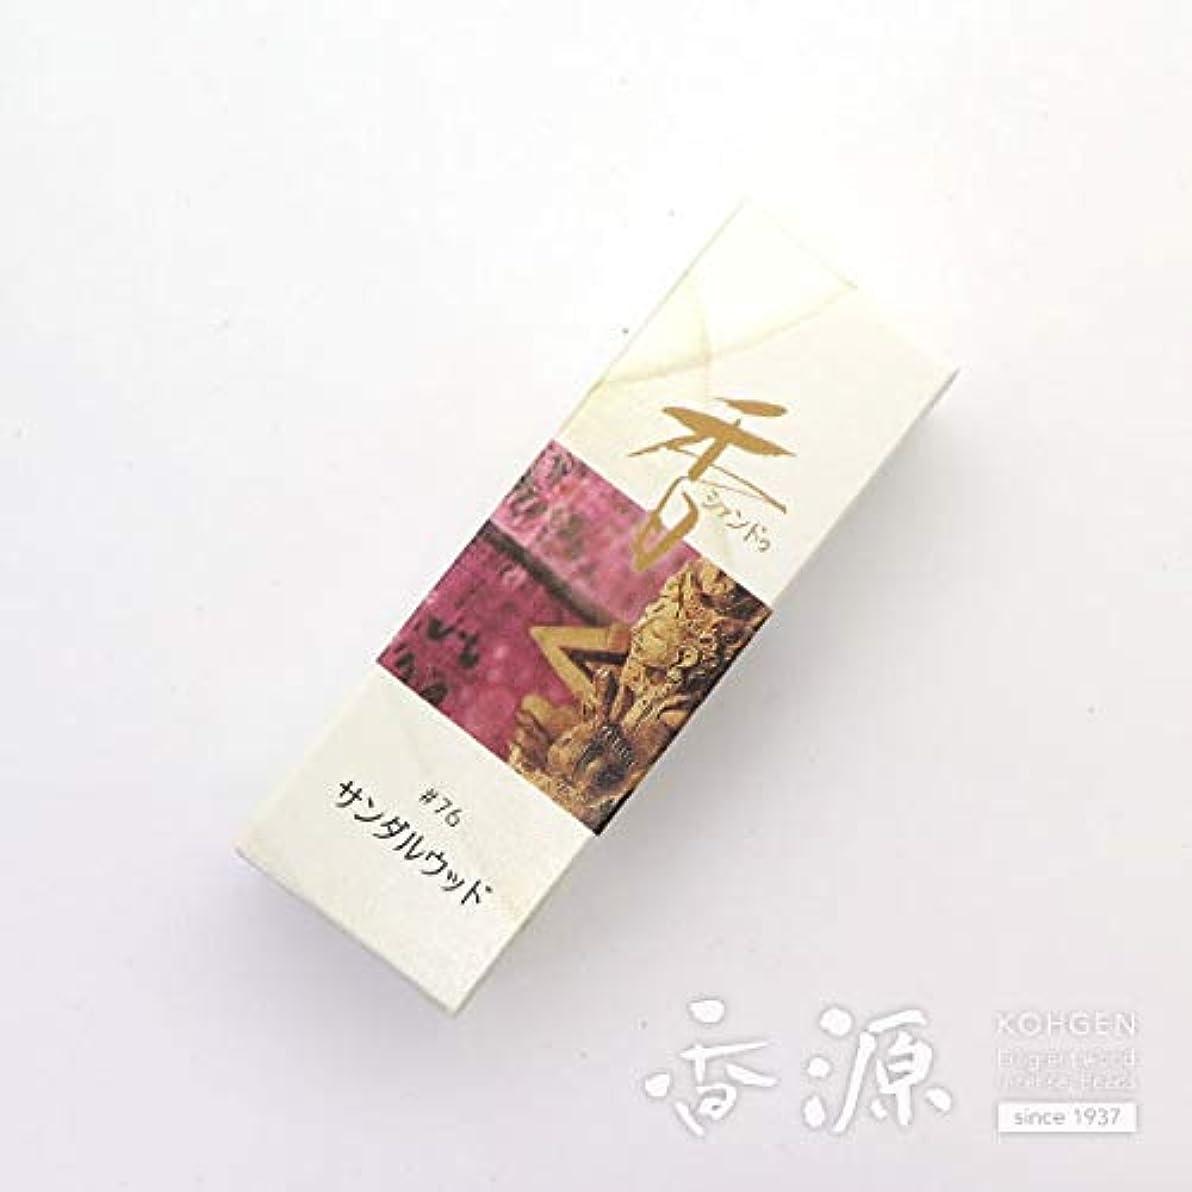 リング期限切れ言う松栄堂のお香 Xiang Do サンダルウッド ST20本入 簡易香立付 #214276